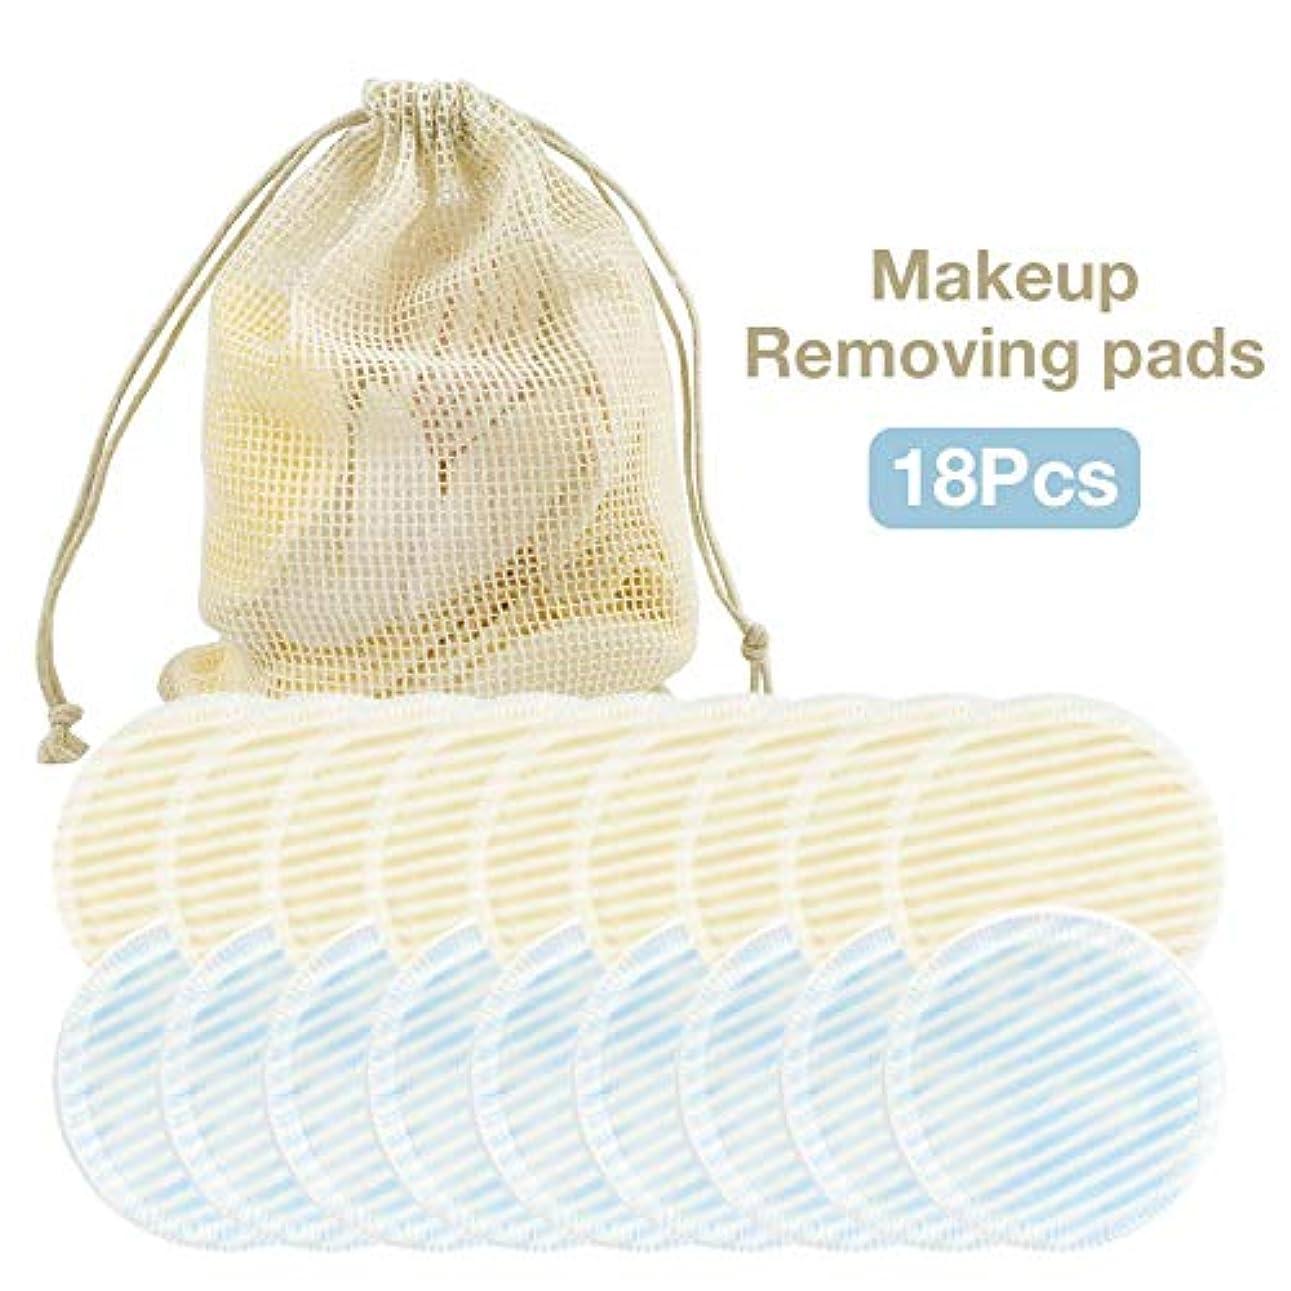 観察用語集掃除コットンパッド、18個のクレンジングコットン再利用可能な竹化粧リムーバーパッド、洗えるとすべての肌タイプの環境に優しいフェイスクリーナーとアイメイクアップリムーバーパッド